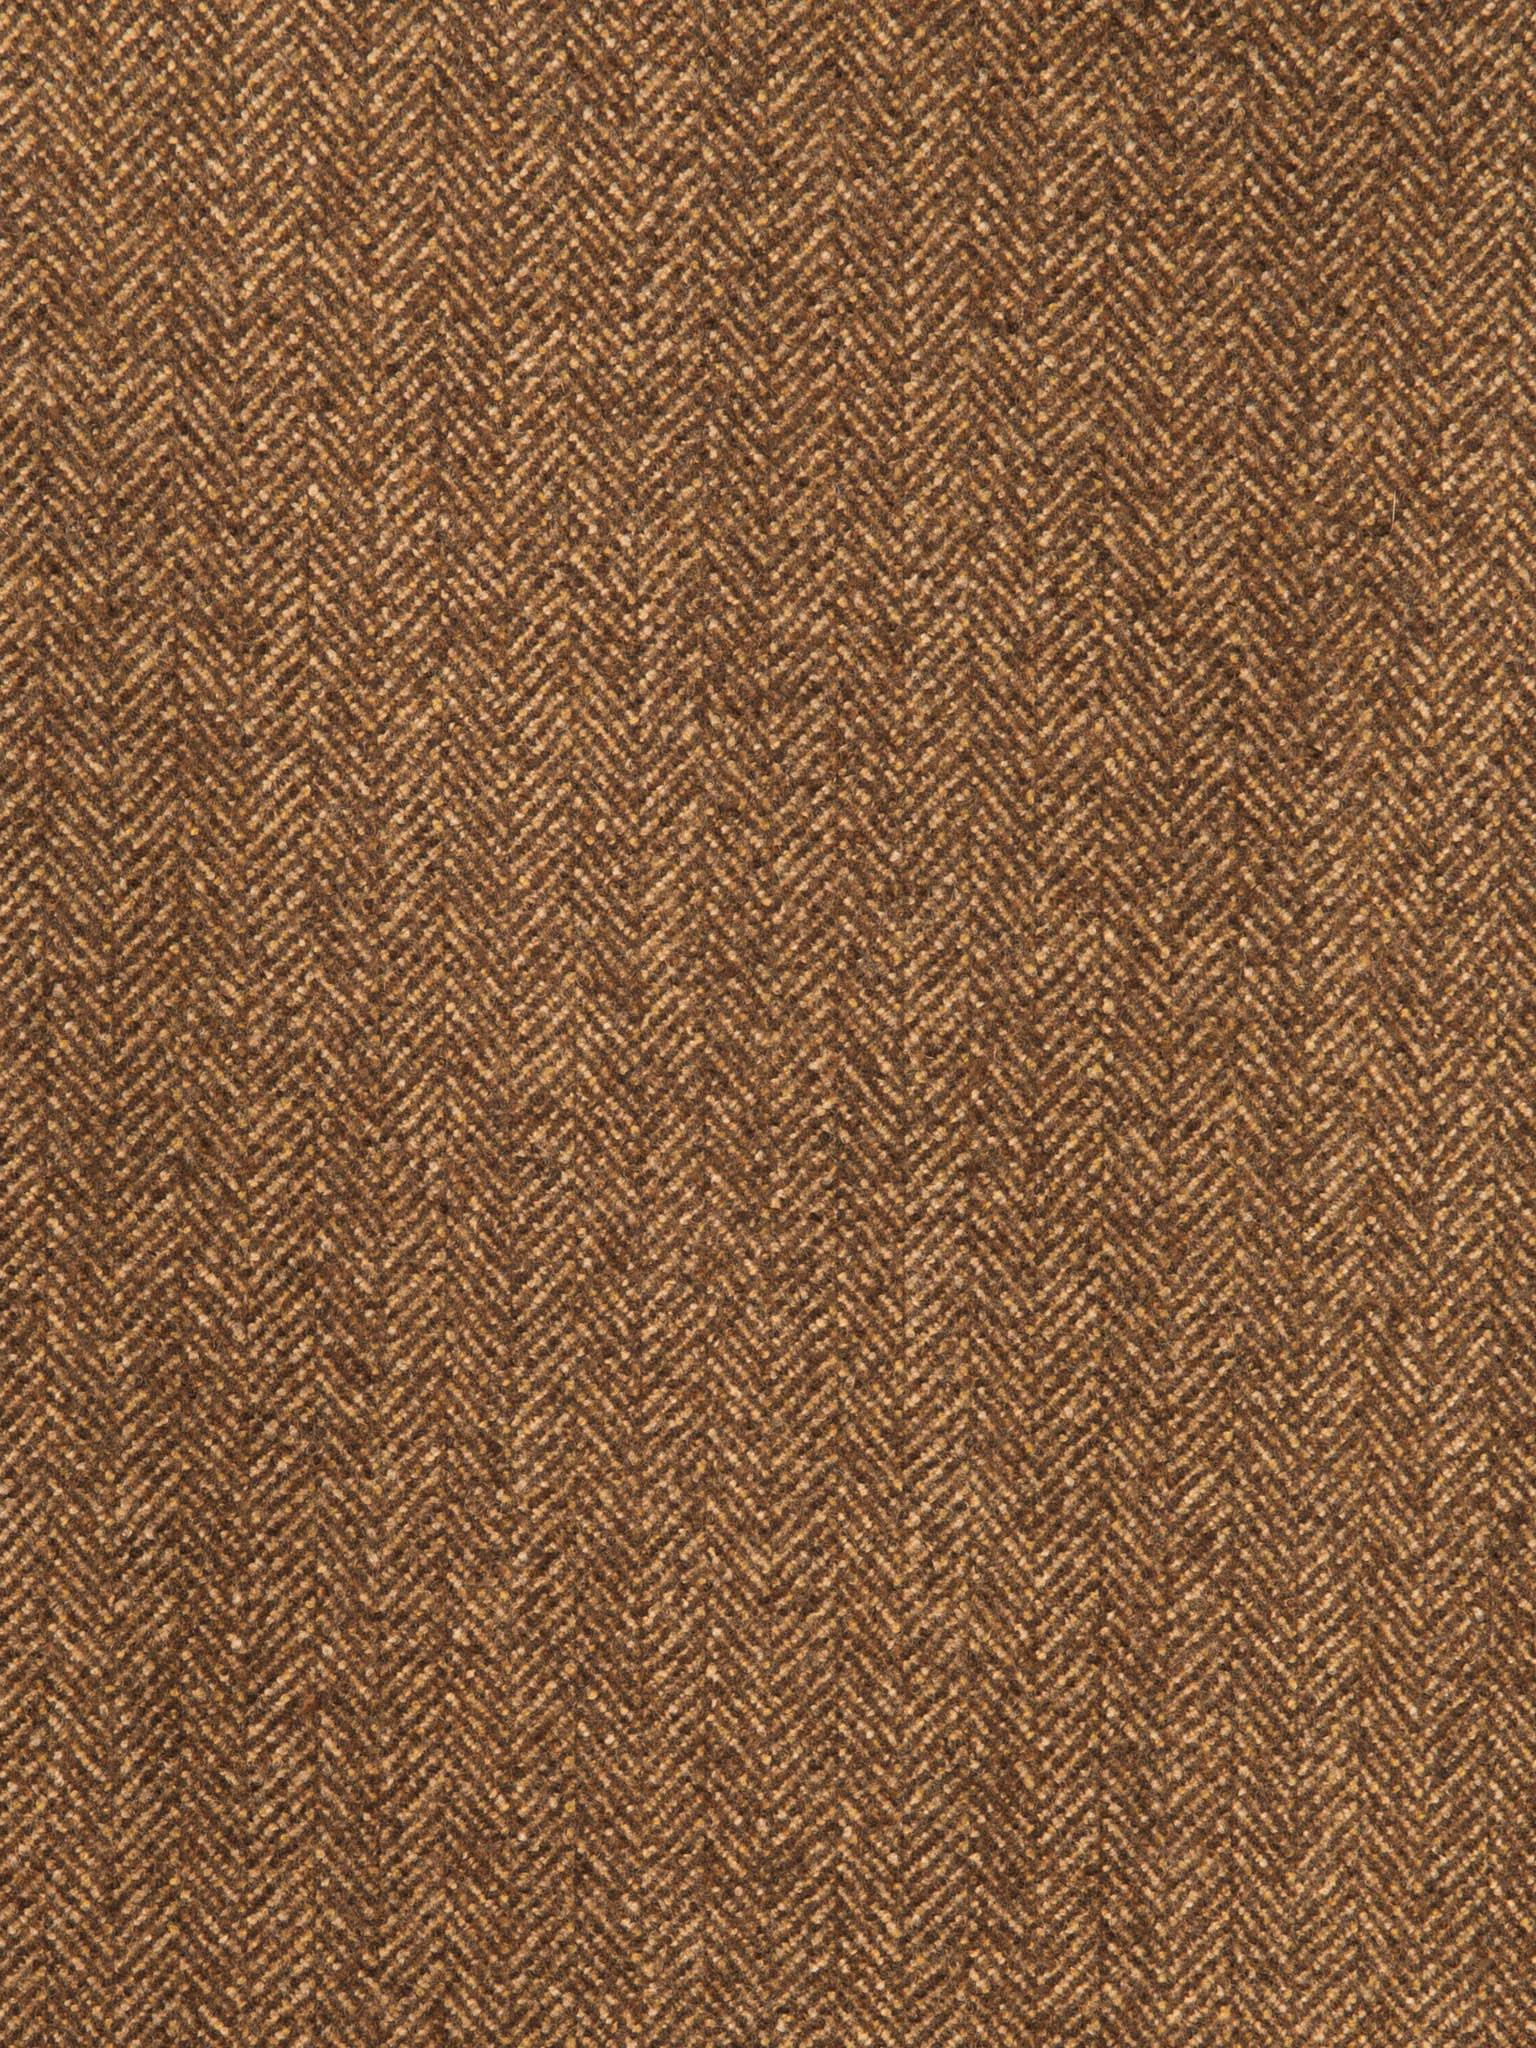 Savile Row Windsor Tweed DE12104